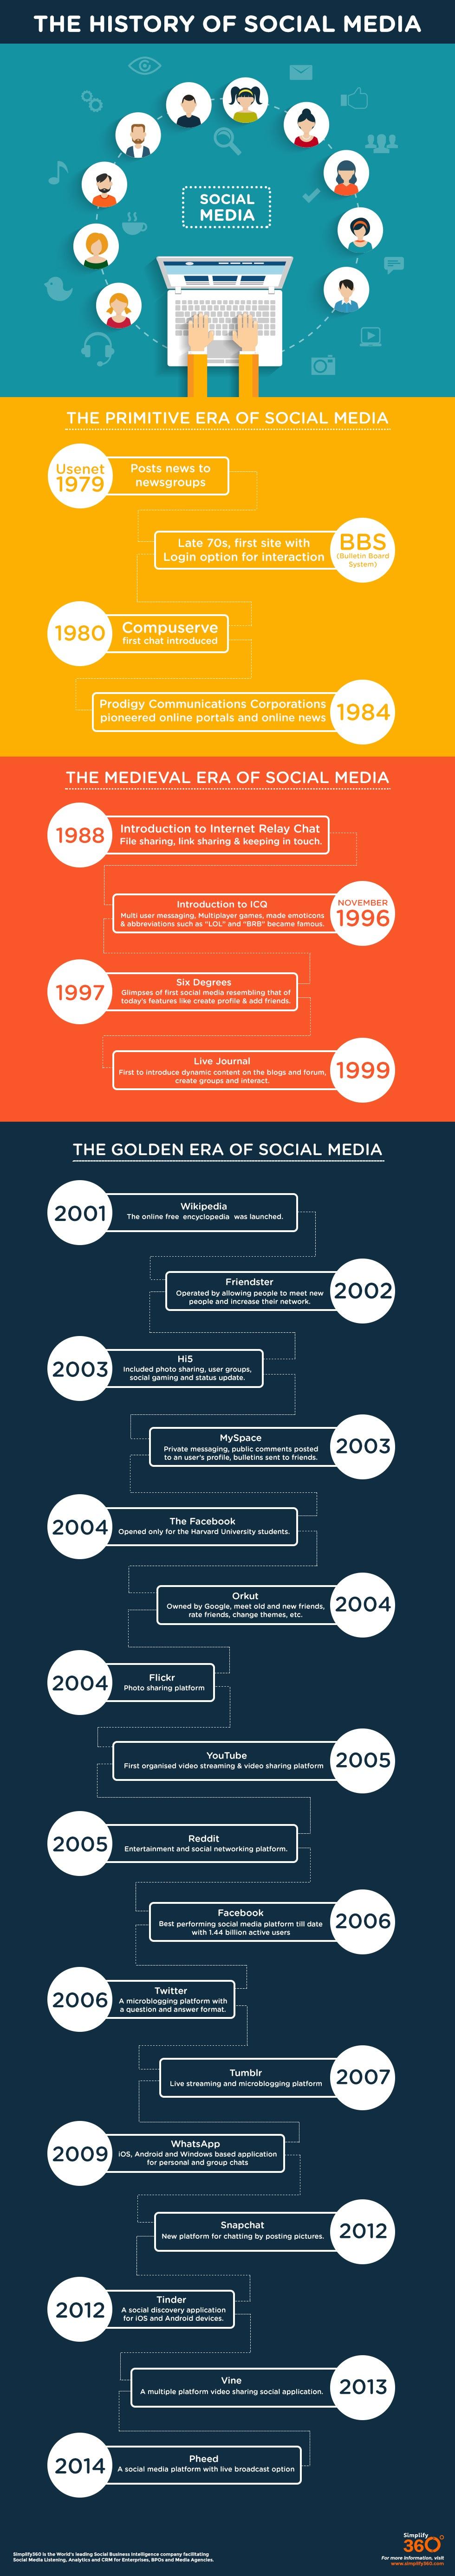 infographie-histoire-reseaux-sociaux